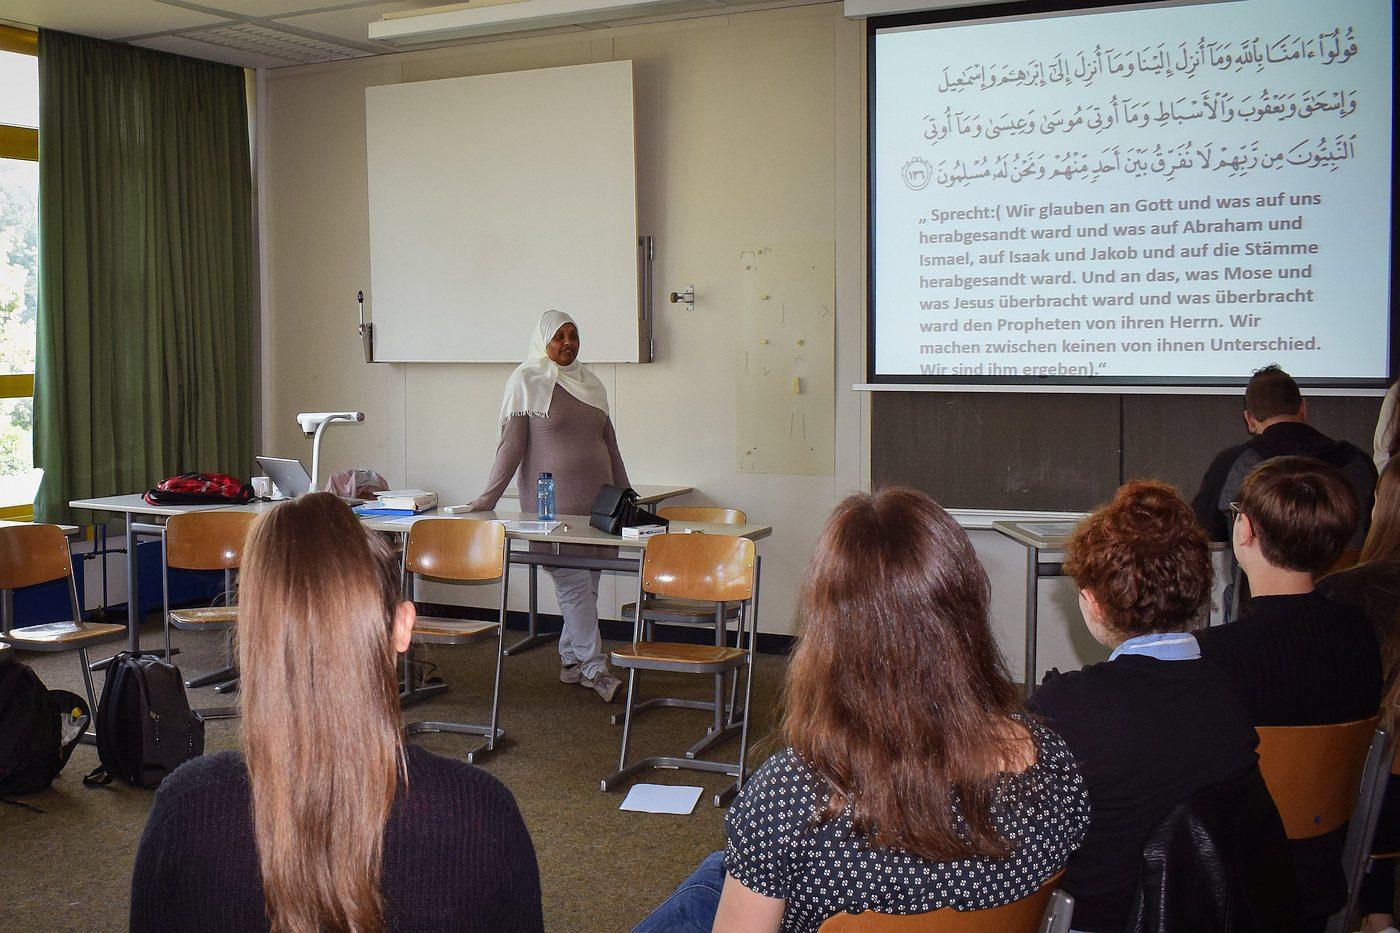 Gemeinsamkeiten erkennen, Vielfalt aushalten: Zwei Workshops zur Toleranz